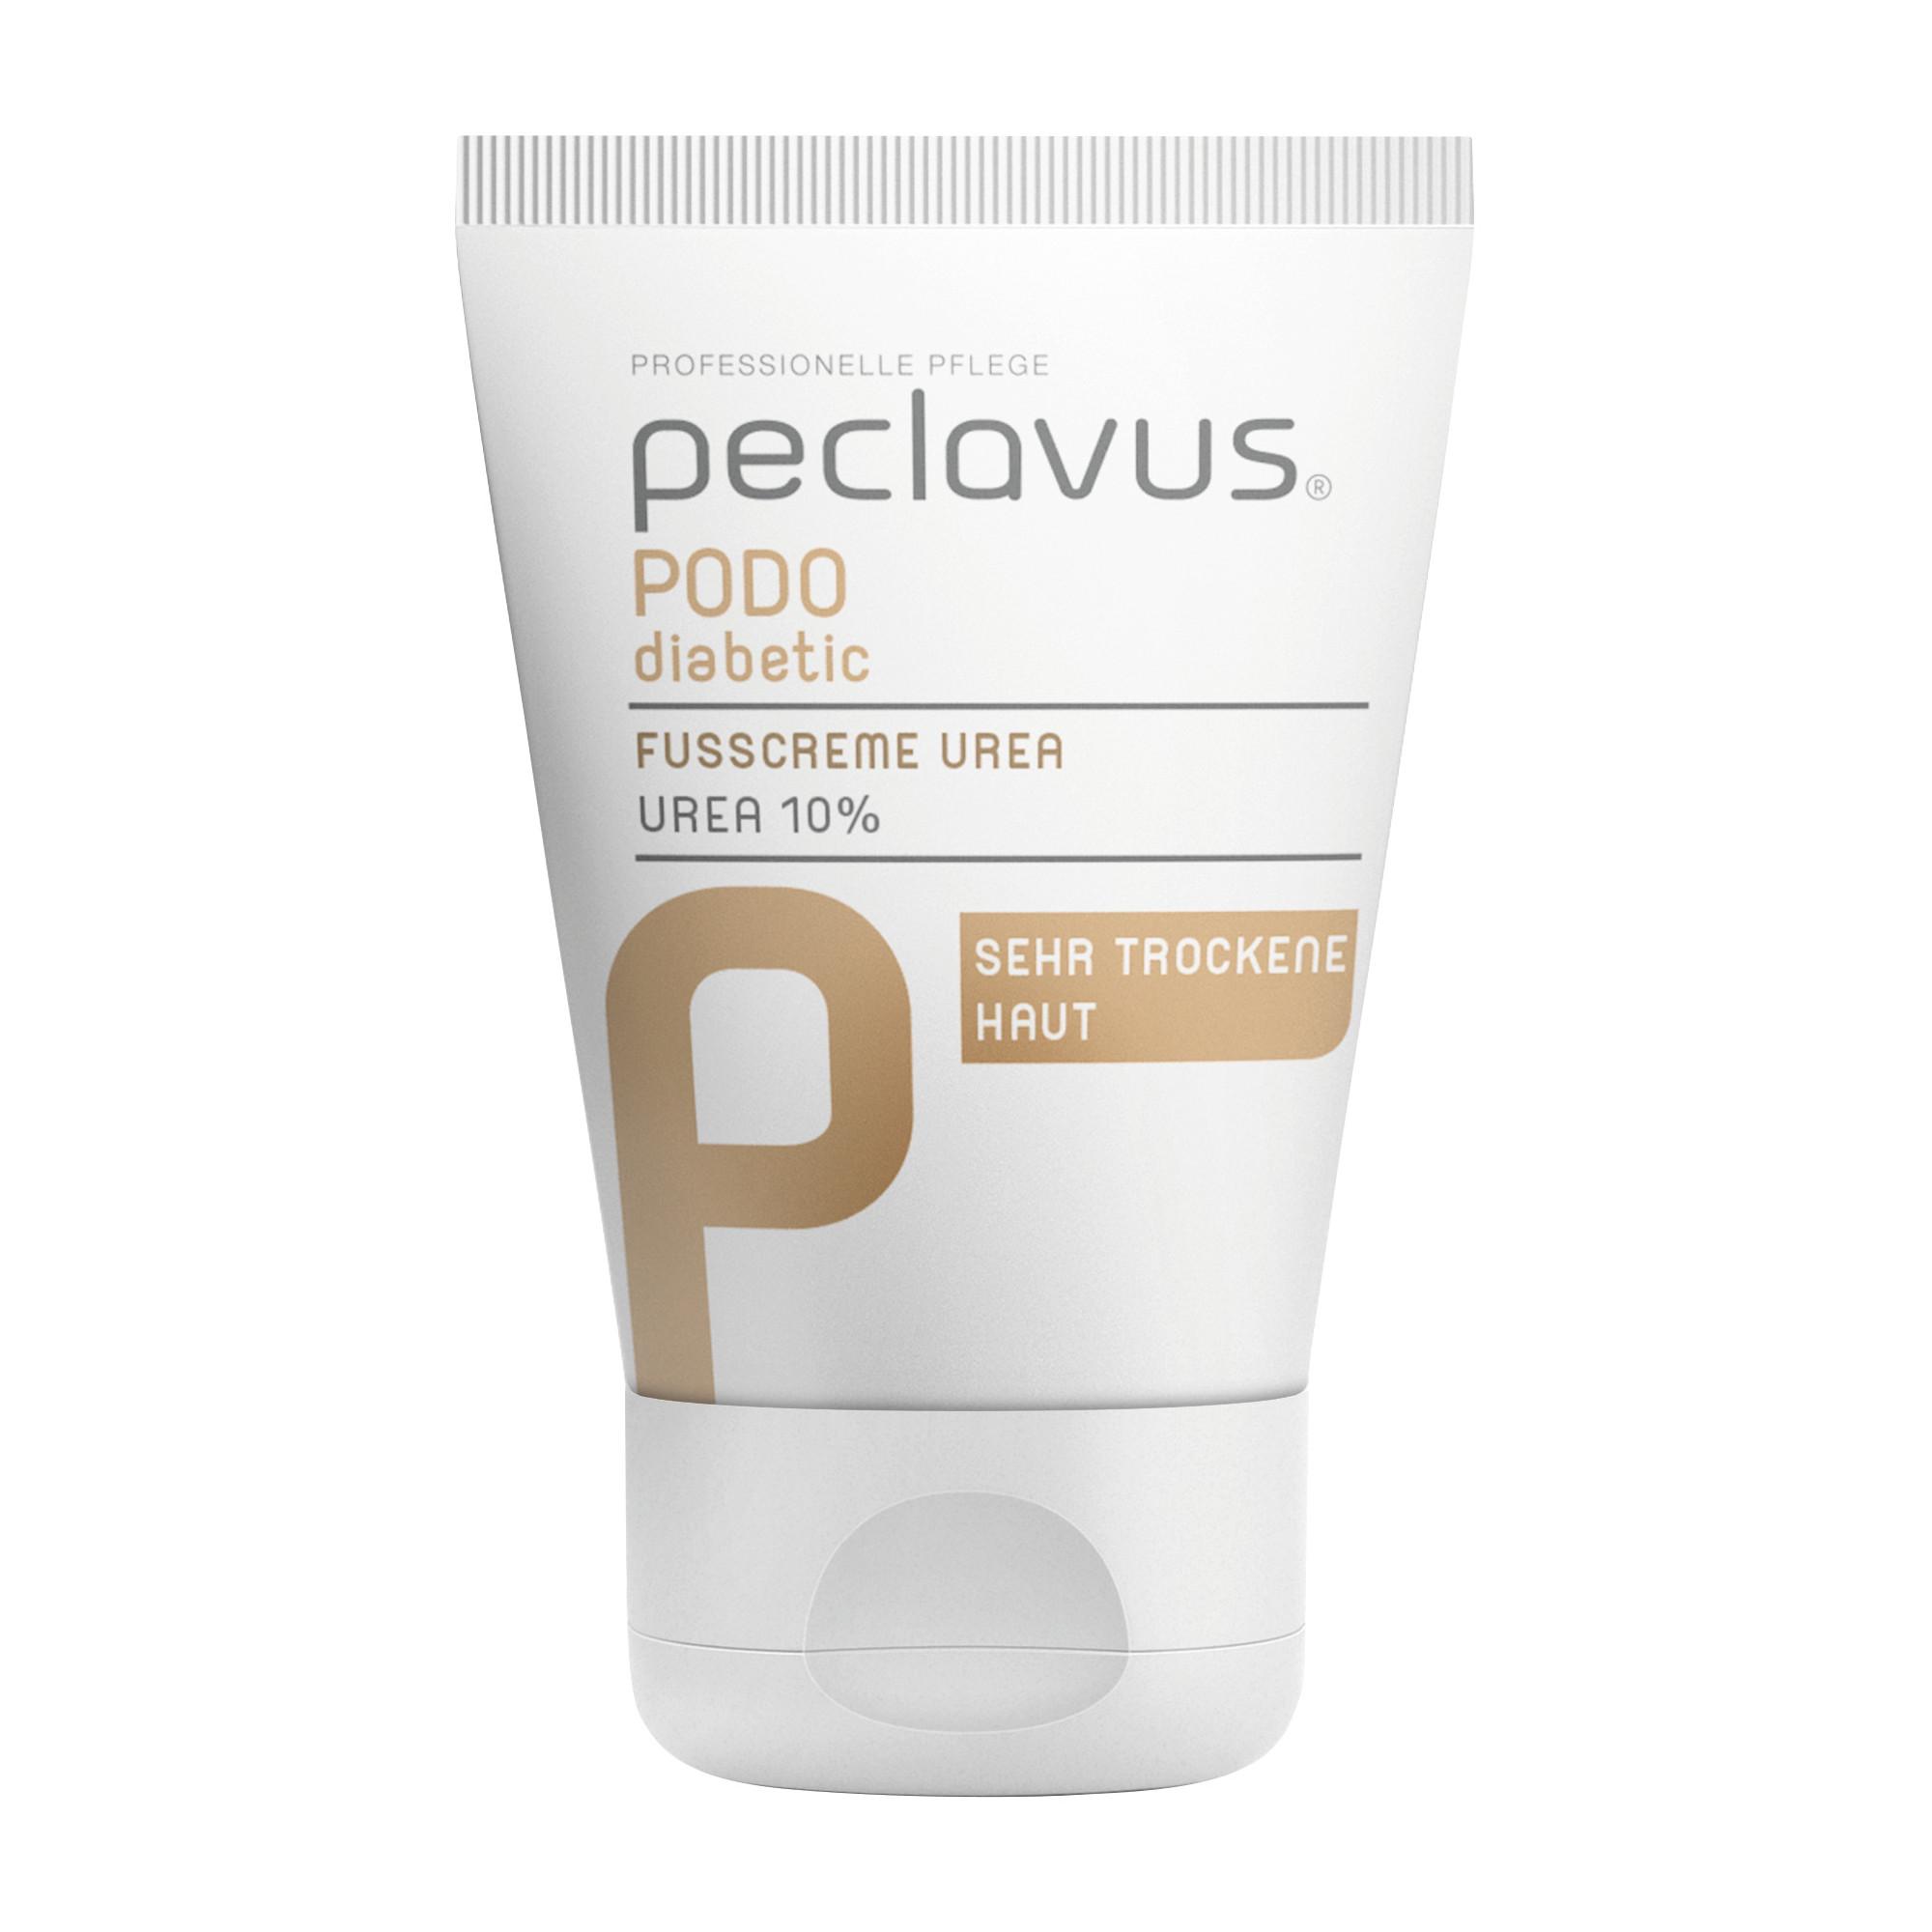 Crème à l'Urée pour les pieds - Diabétique - Peclavus